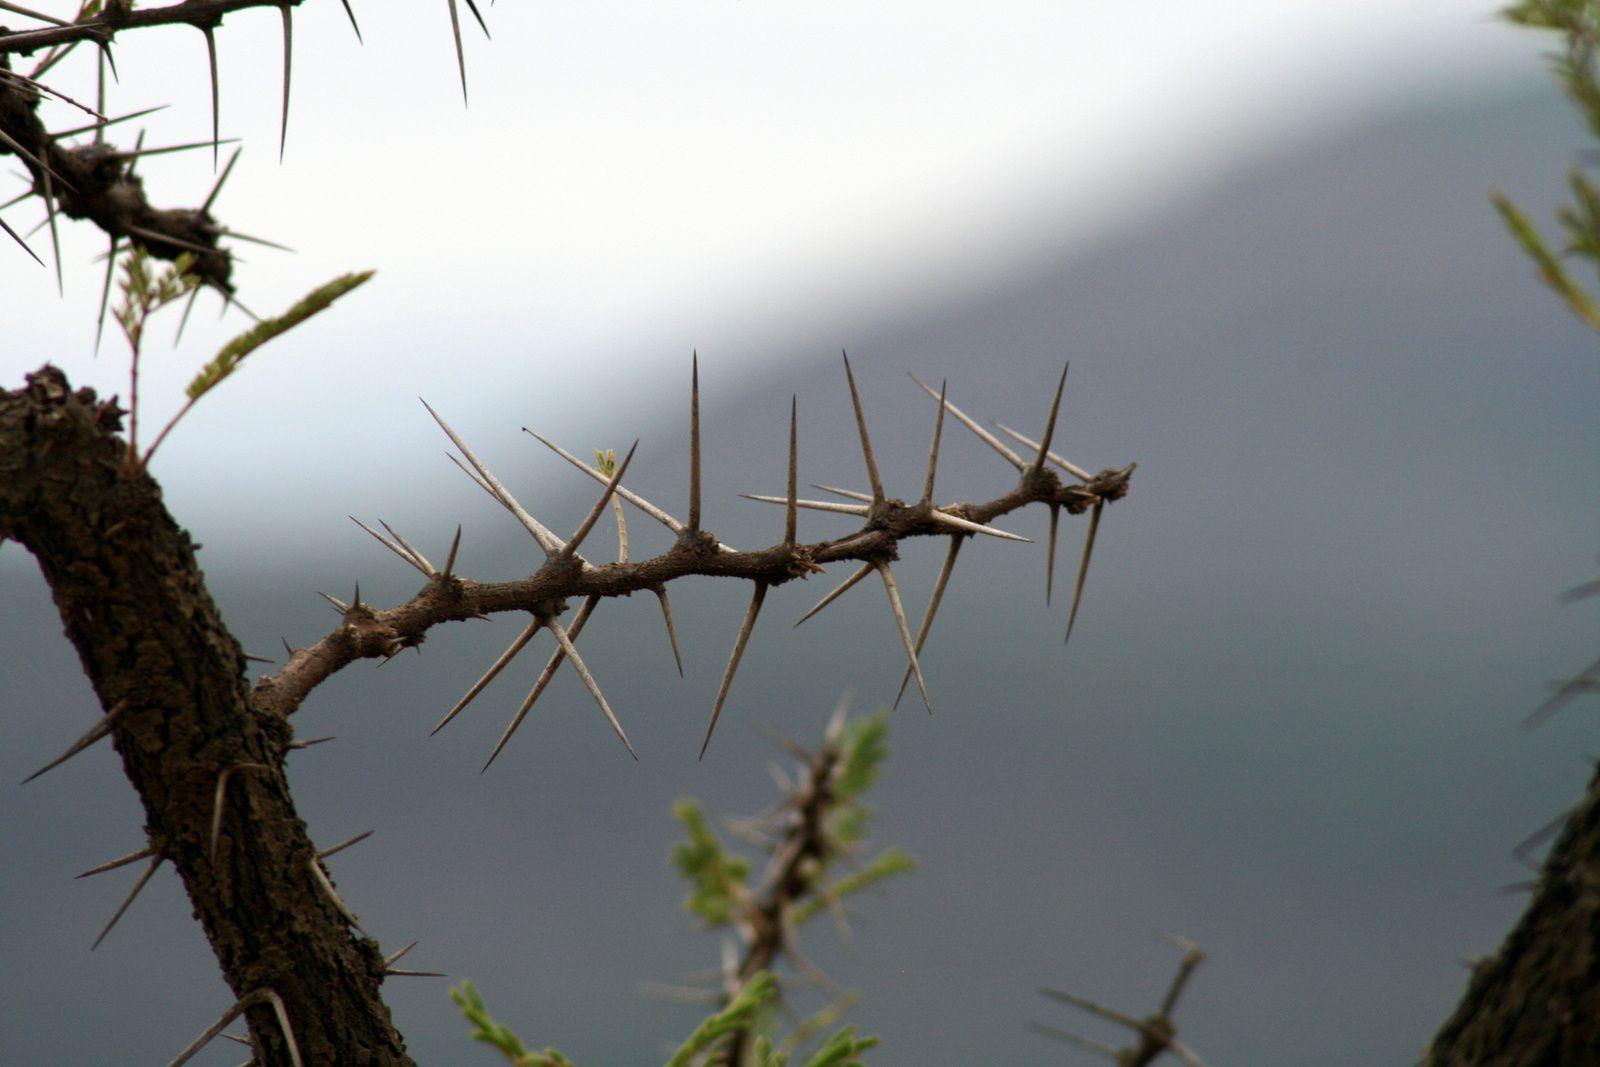 Une branche d'acacia. Des épines effrayantes pour vous petit être humain sensible et douillet que vous êtes, mais qui ne font ni chaud ni froid aux gros pachydermes, qui les avalent sans se poser de question et qui les chient sans plus d'émotions... Je vous laisse imaginer si vous avalez un truc comme ça :) Par contre, il est vivement déconseillé de rouler dans les bouses d'éléphants au milieu de la route, ces épines sont tellement grosses qu'elles peuvent crever un pneu !